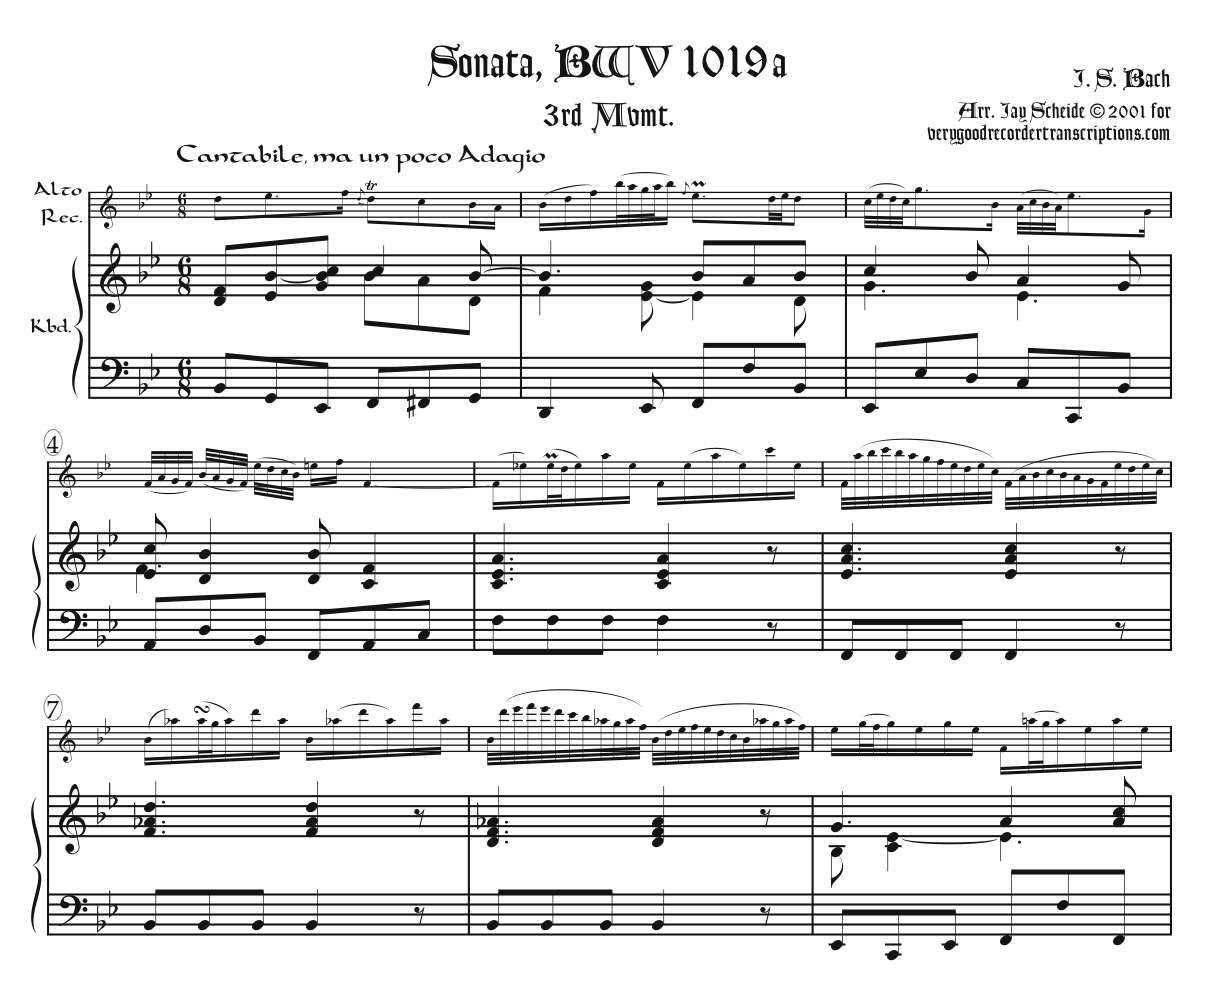 Sonata, BWV 1019a, 3rd Mvmt.